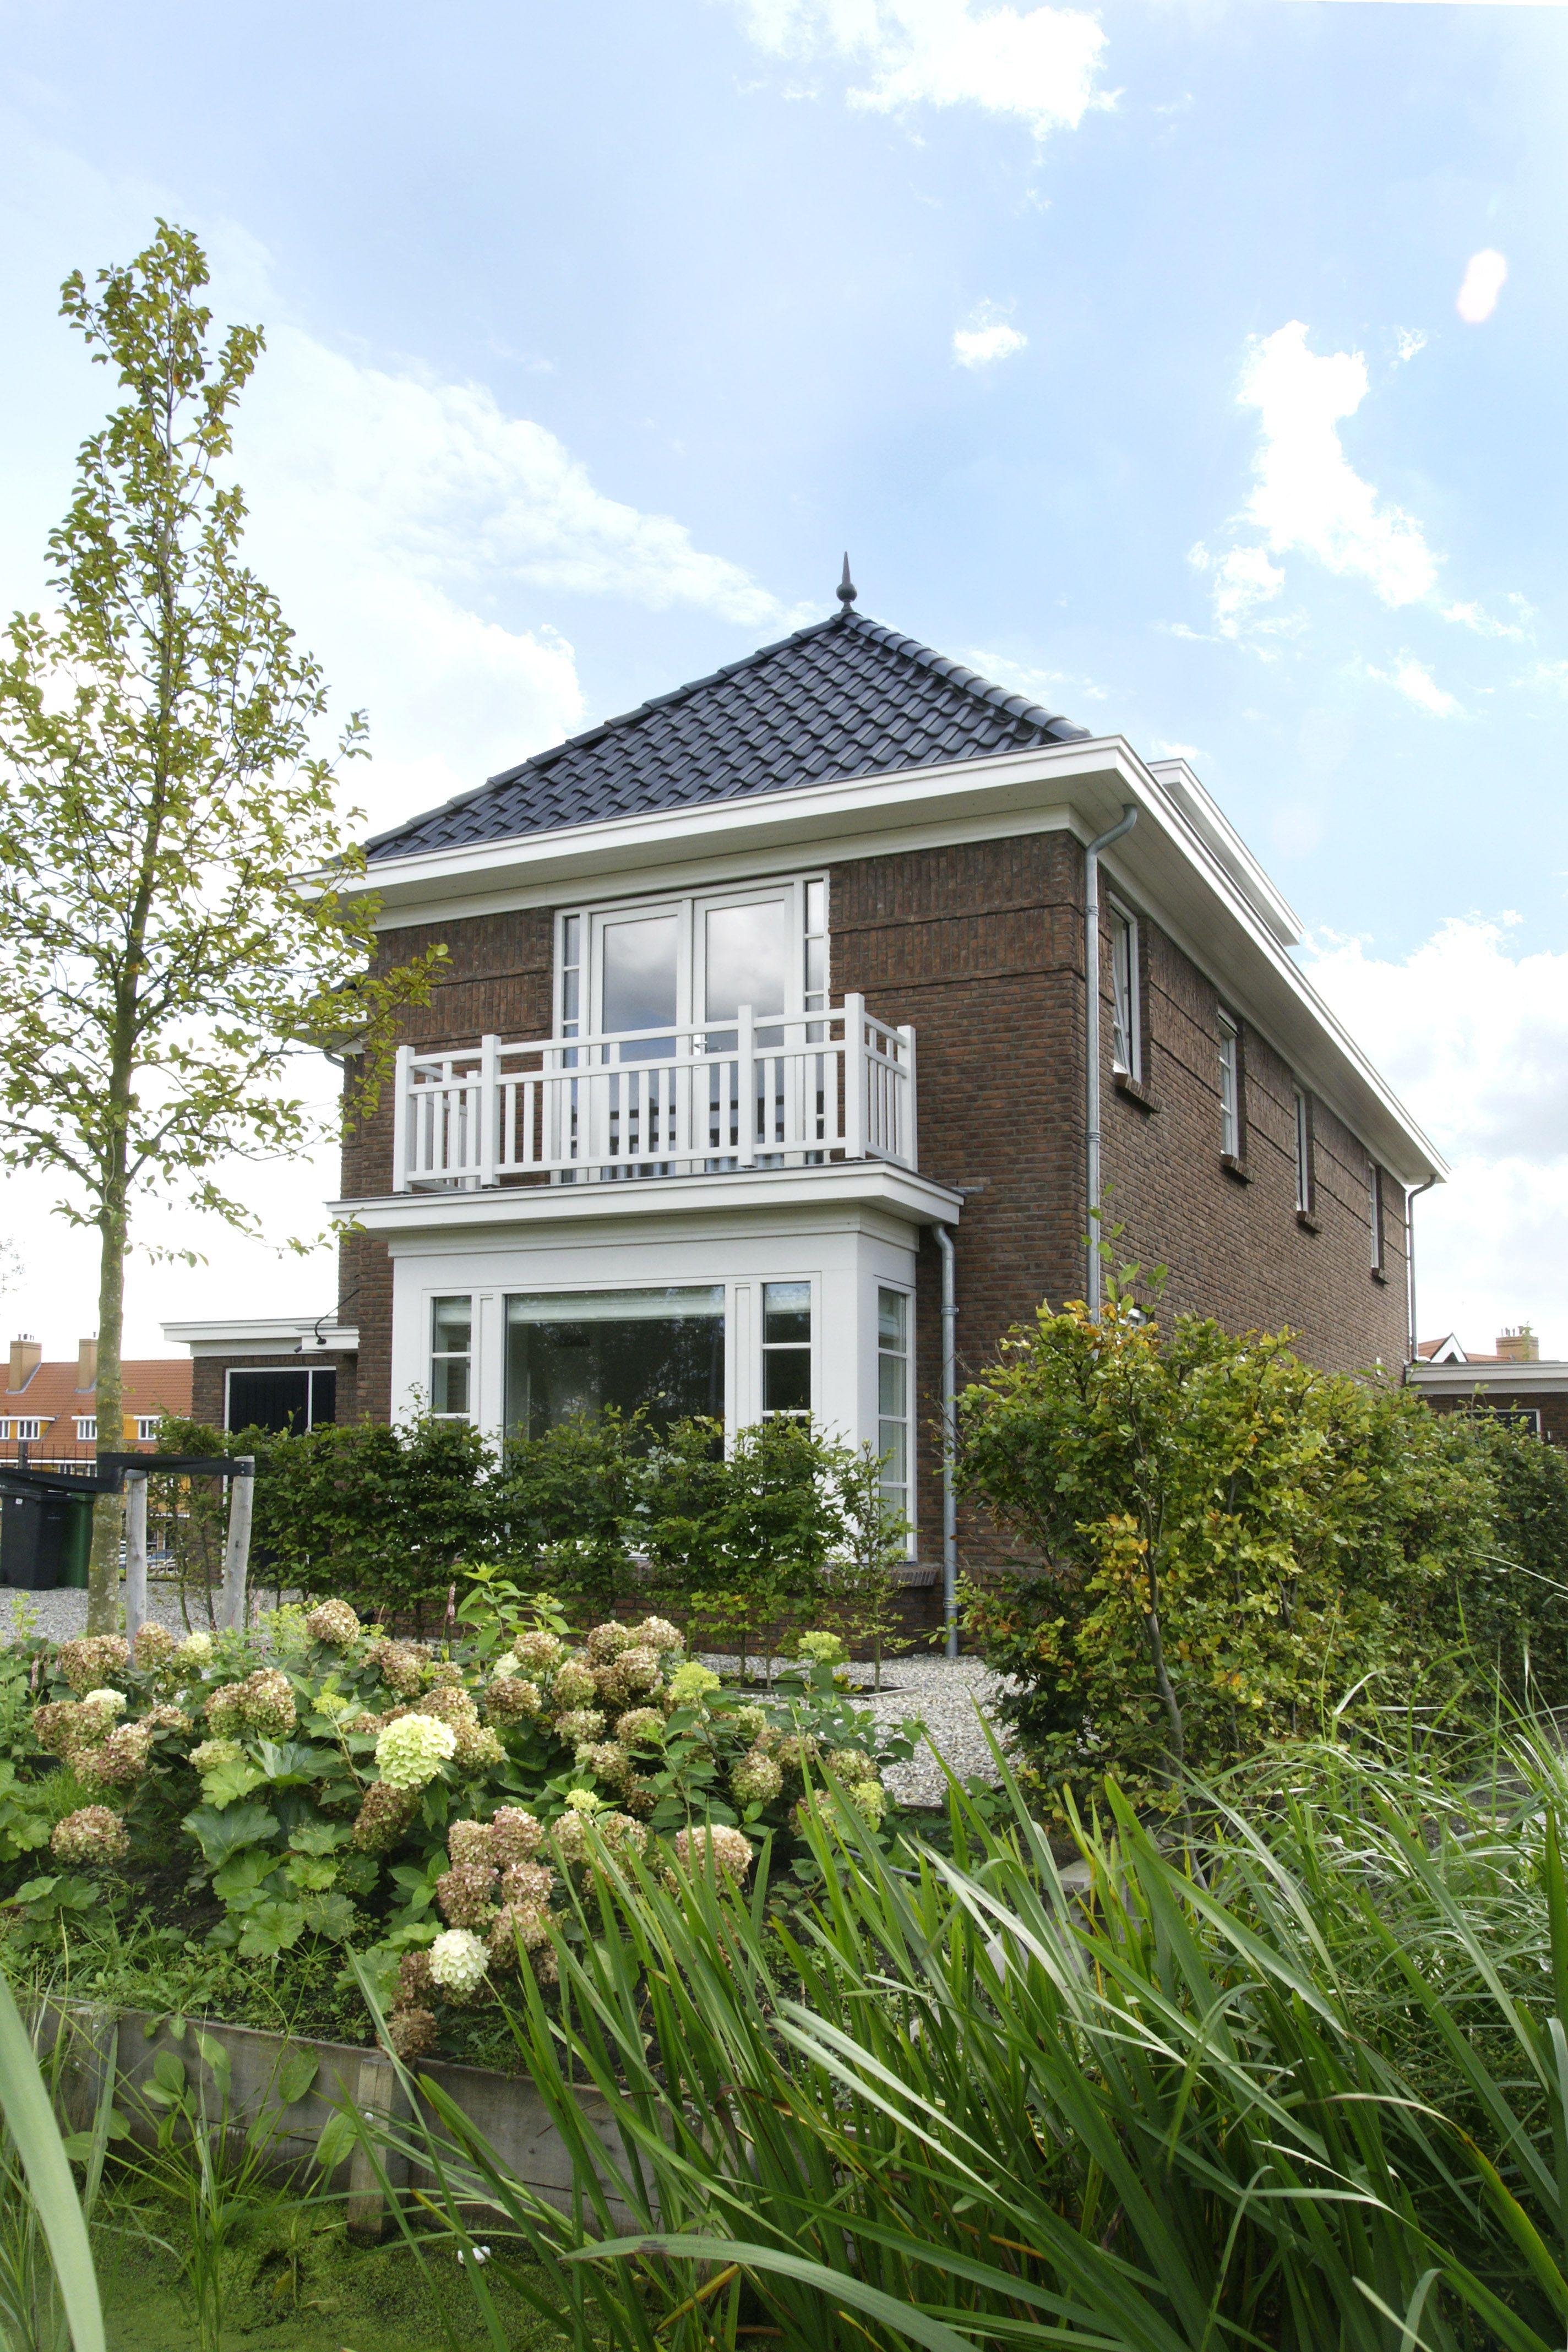 de gevel in combinatie met erker en balkon aan de voorzijde geven dit huis een elegante. Black Bedroom Furniture Sets. Home Design Ideas